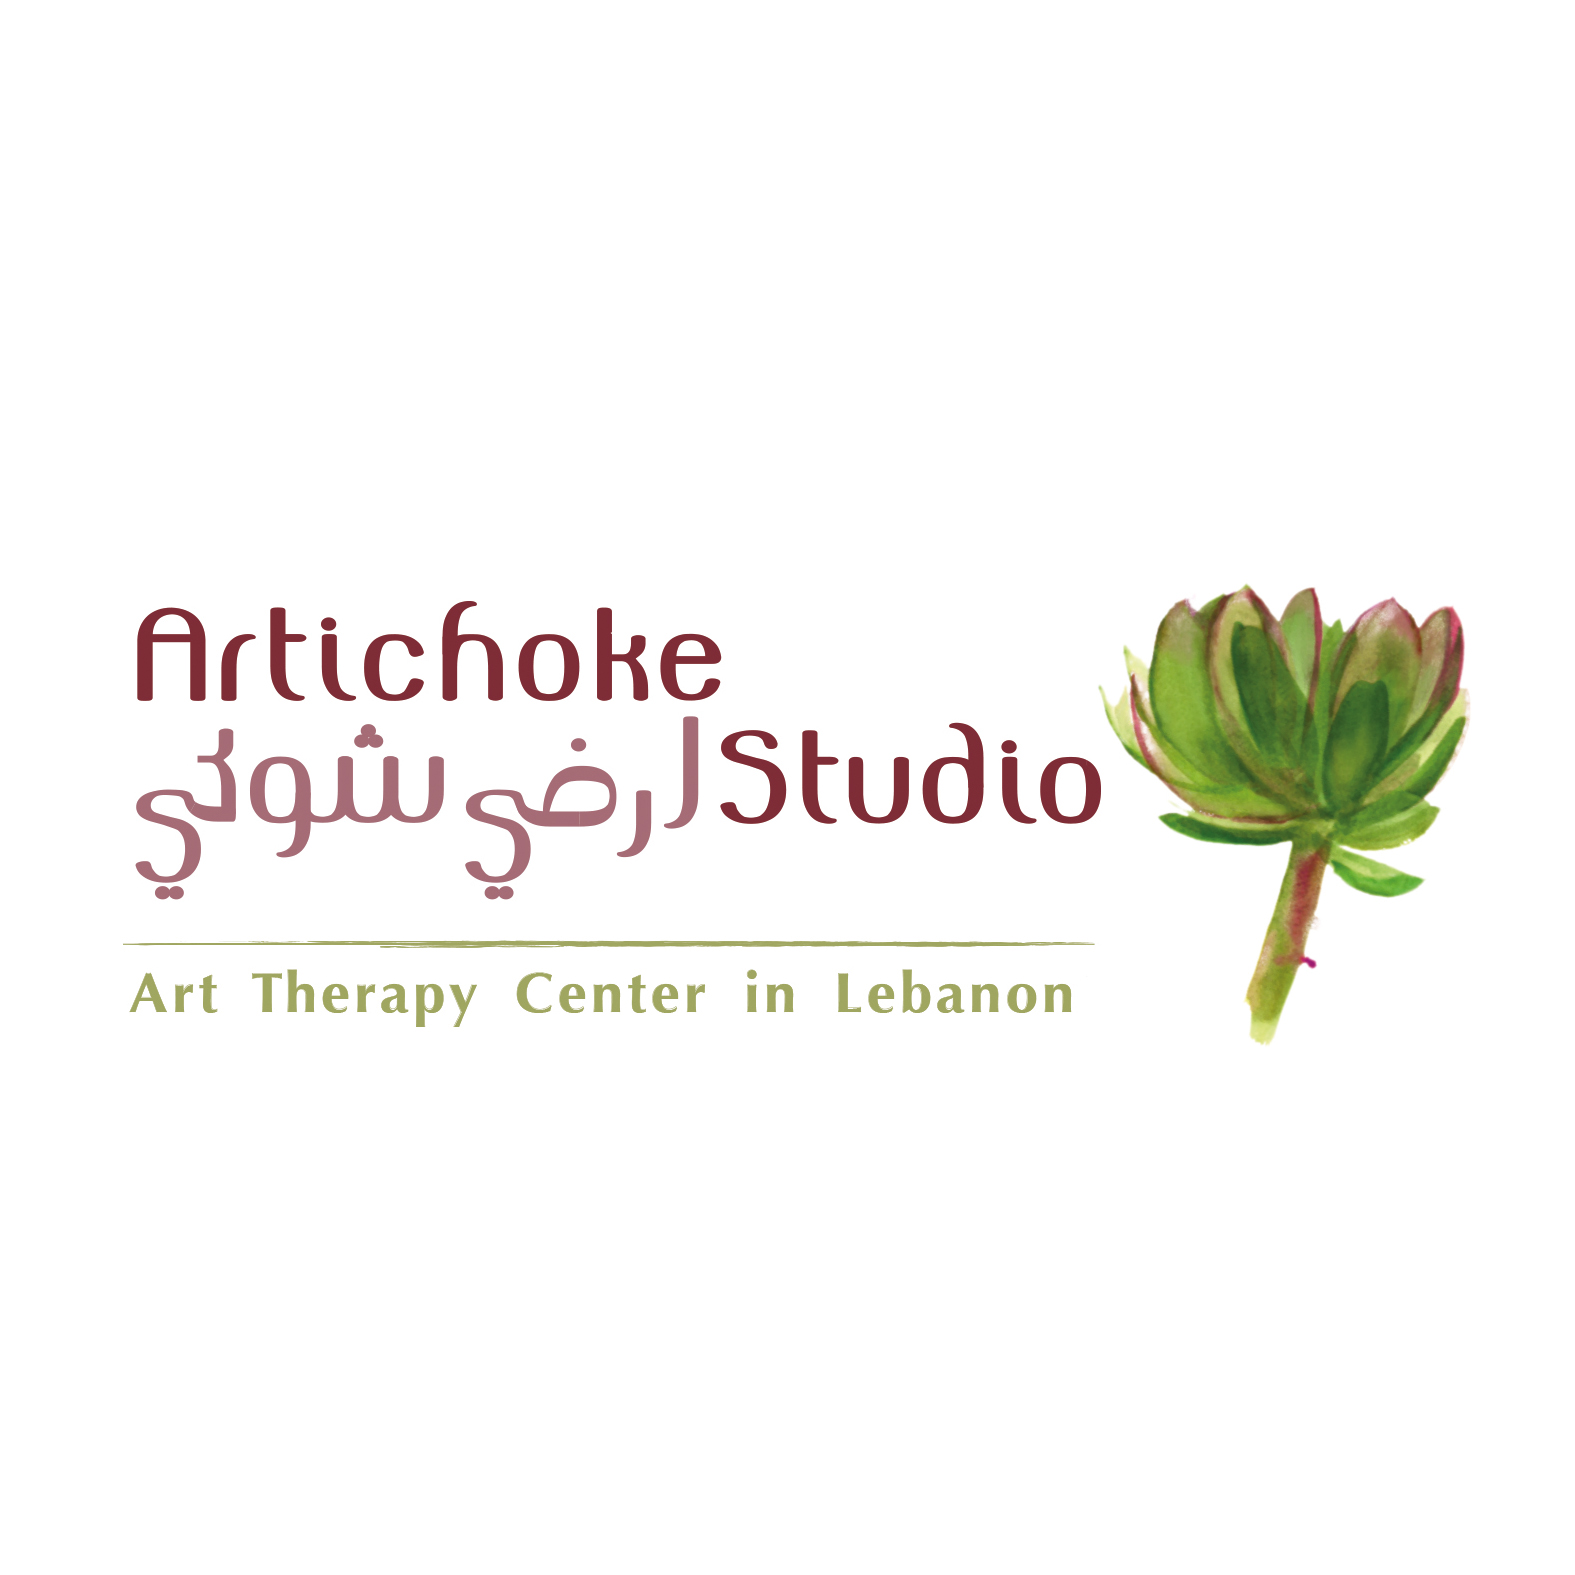 Artichoke Studio